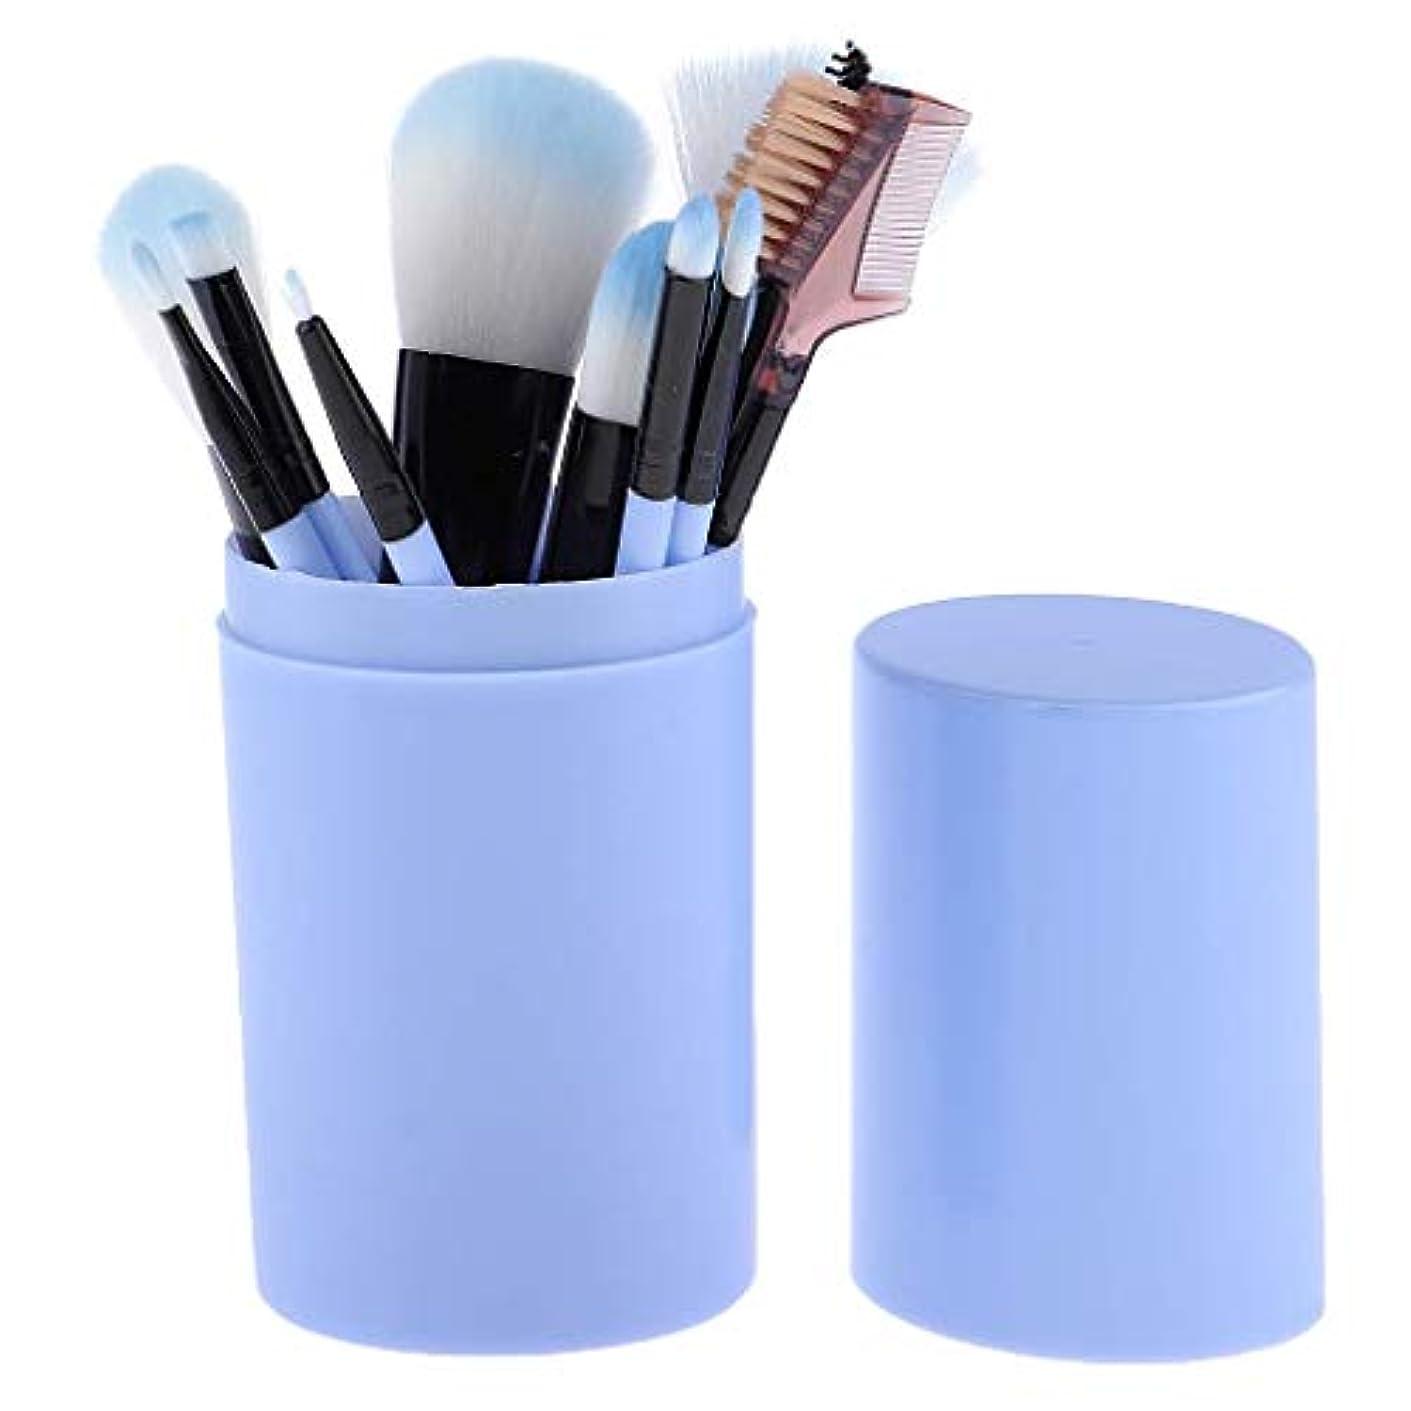 羊博物館シャッフルMakeup brushes 青、スミアのようなリアルな、持ち運びに快適、収納バケット付き化粧ブラシセット付き12ピース高品質木製ハンドル化粧ブラシセット suits (Color : Blue)